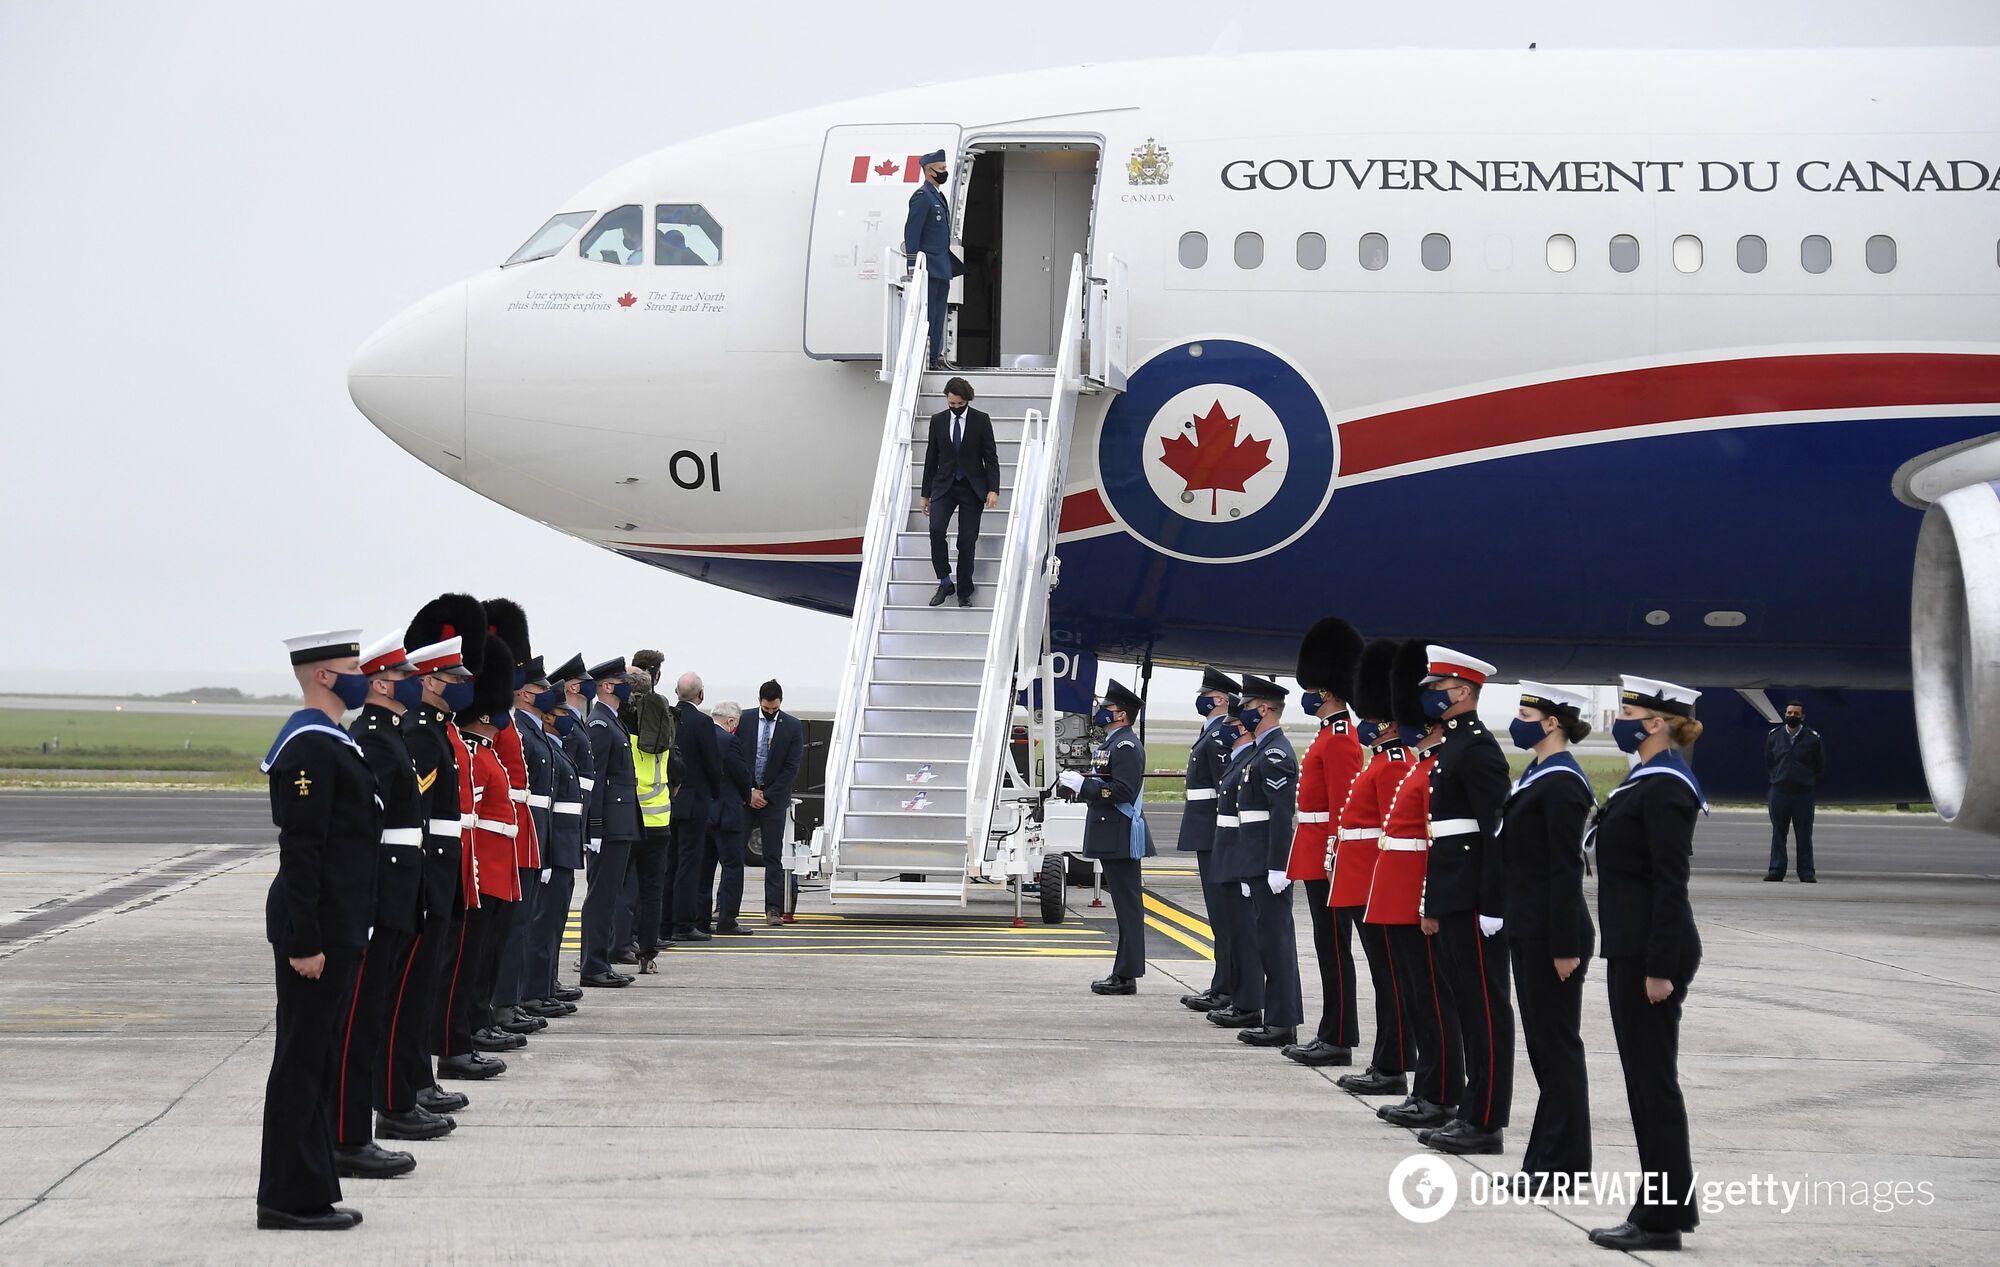 Прибытие делегации Канады на саммит G7